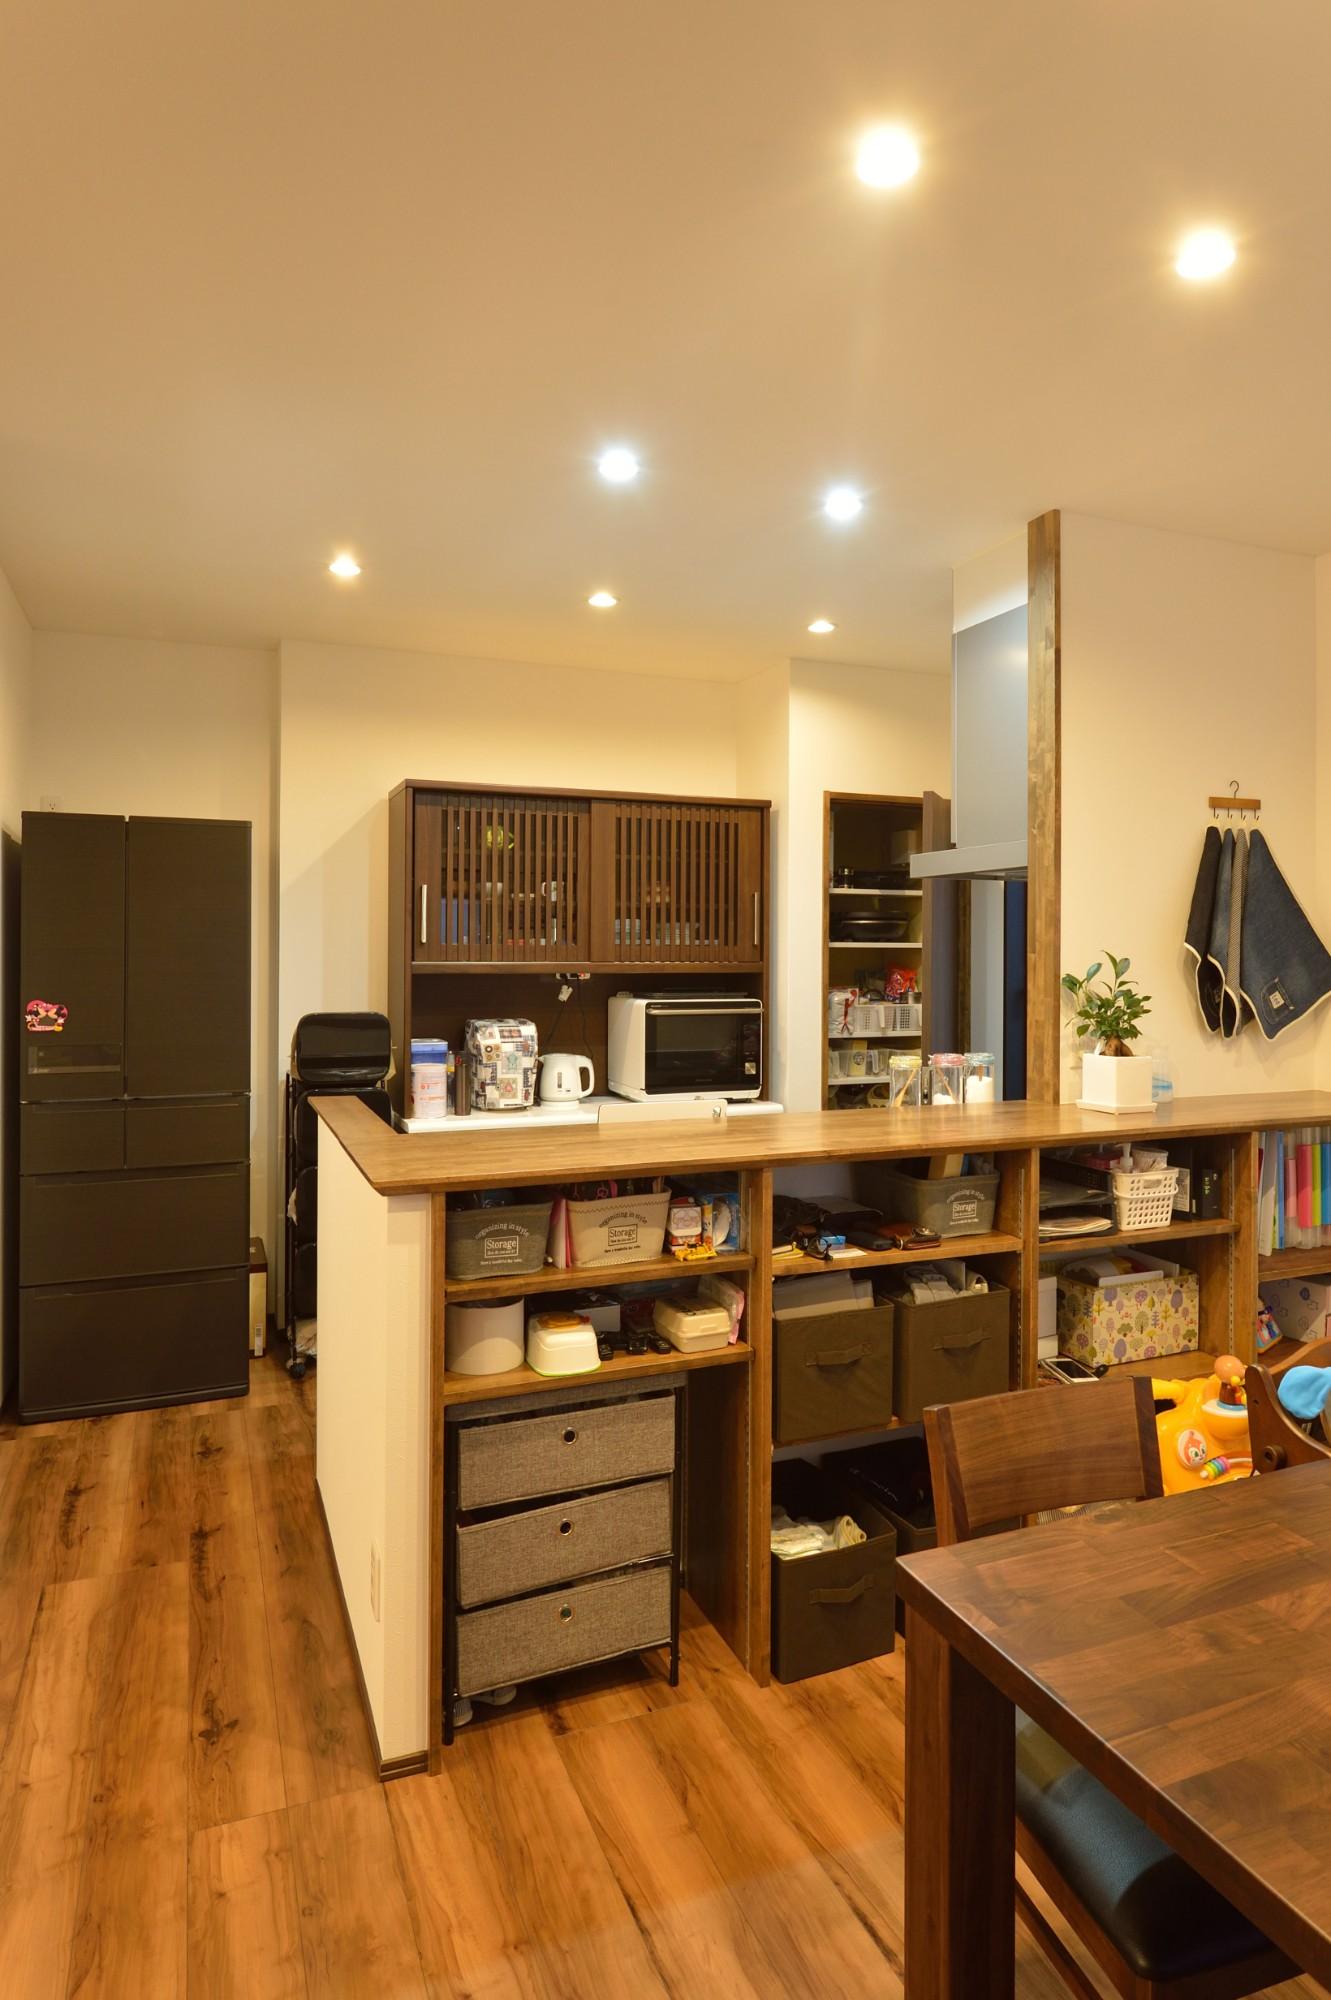 家'Sハセガワ株式会社「3R HOUSE ~ホッとくつろげる収納いっぱいの家~」のシンプル・ナチュラルなキッチンの実例写真